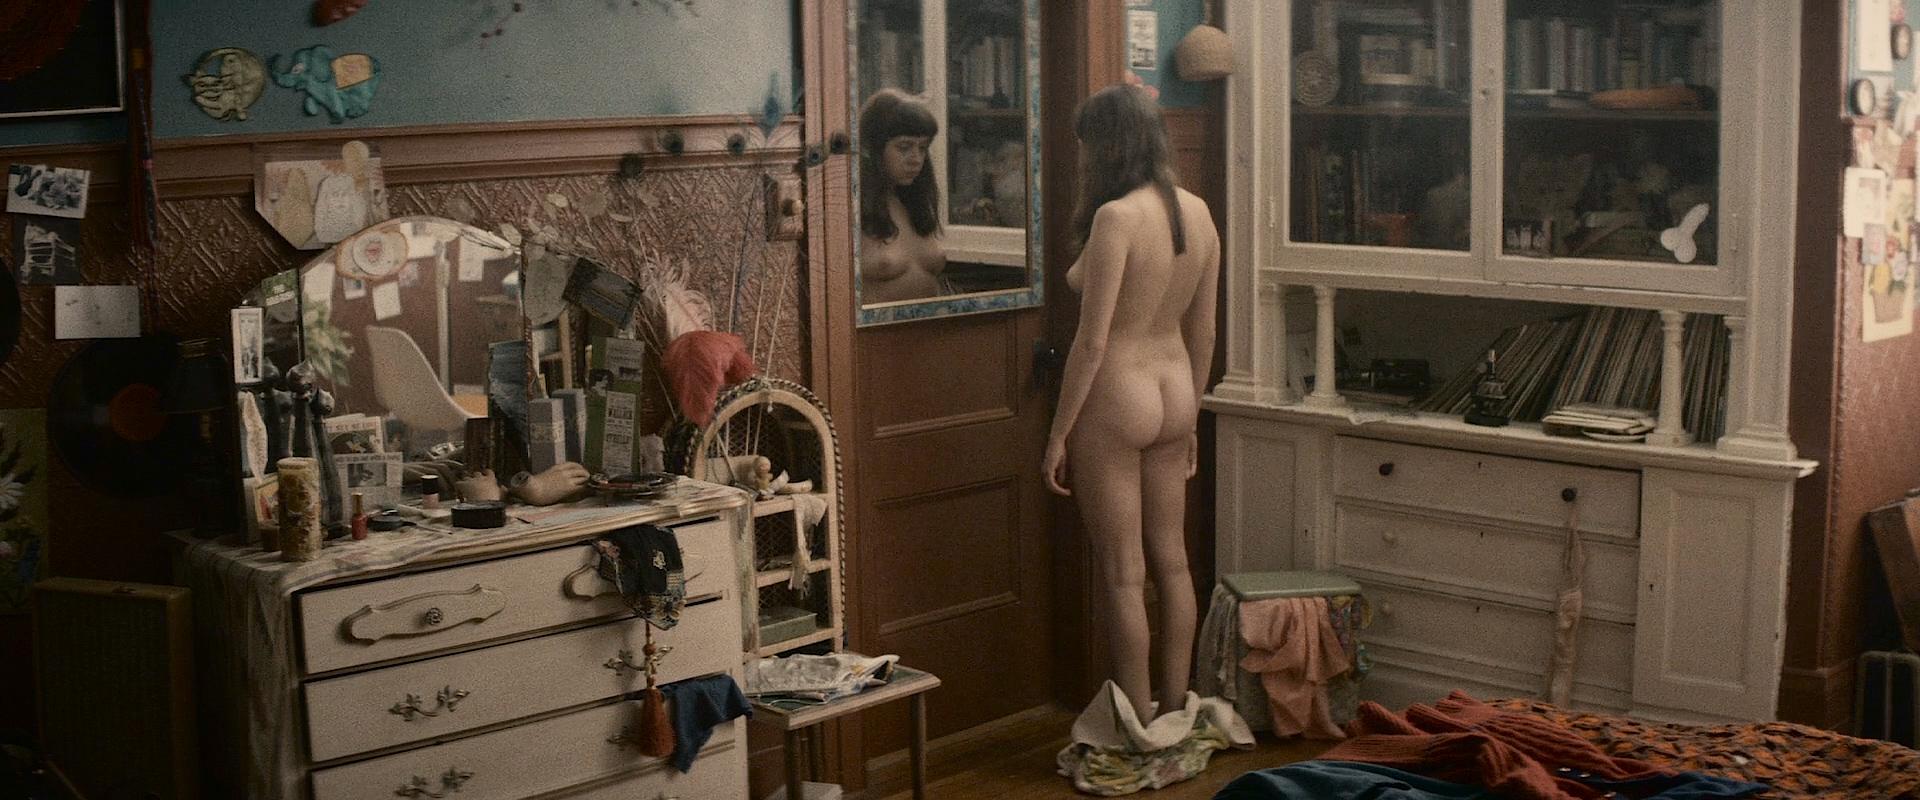 bel powley nude